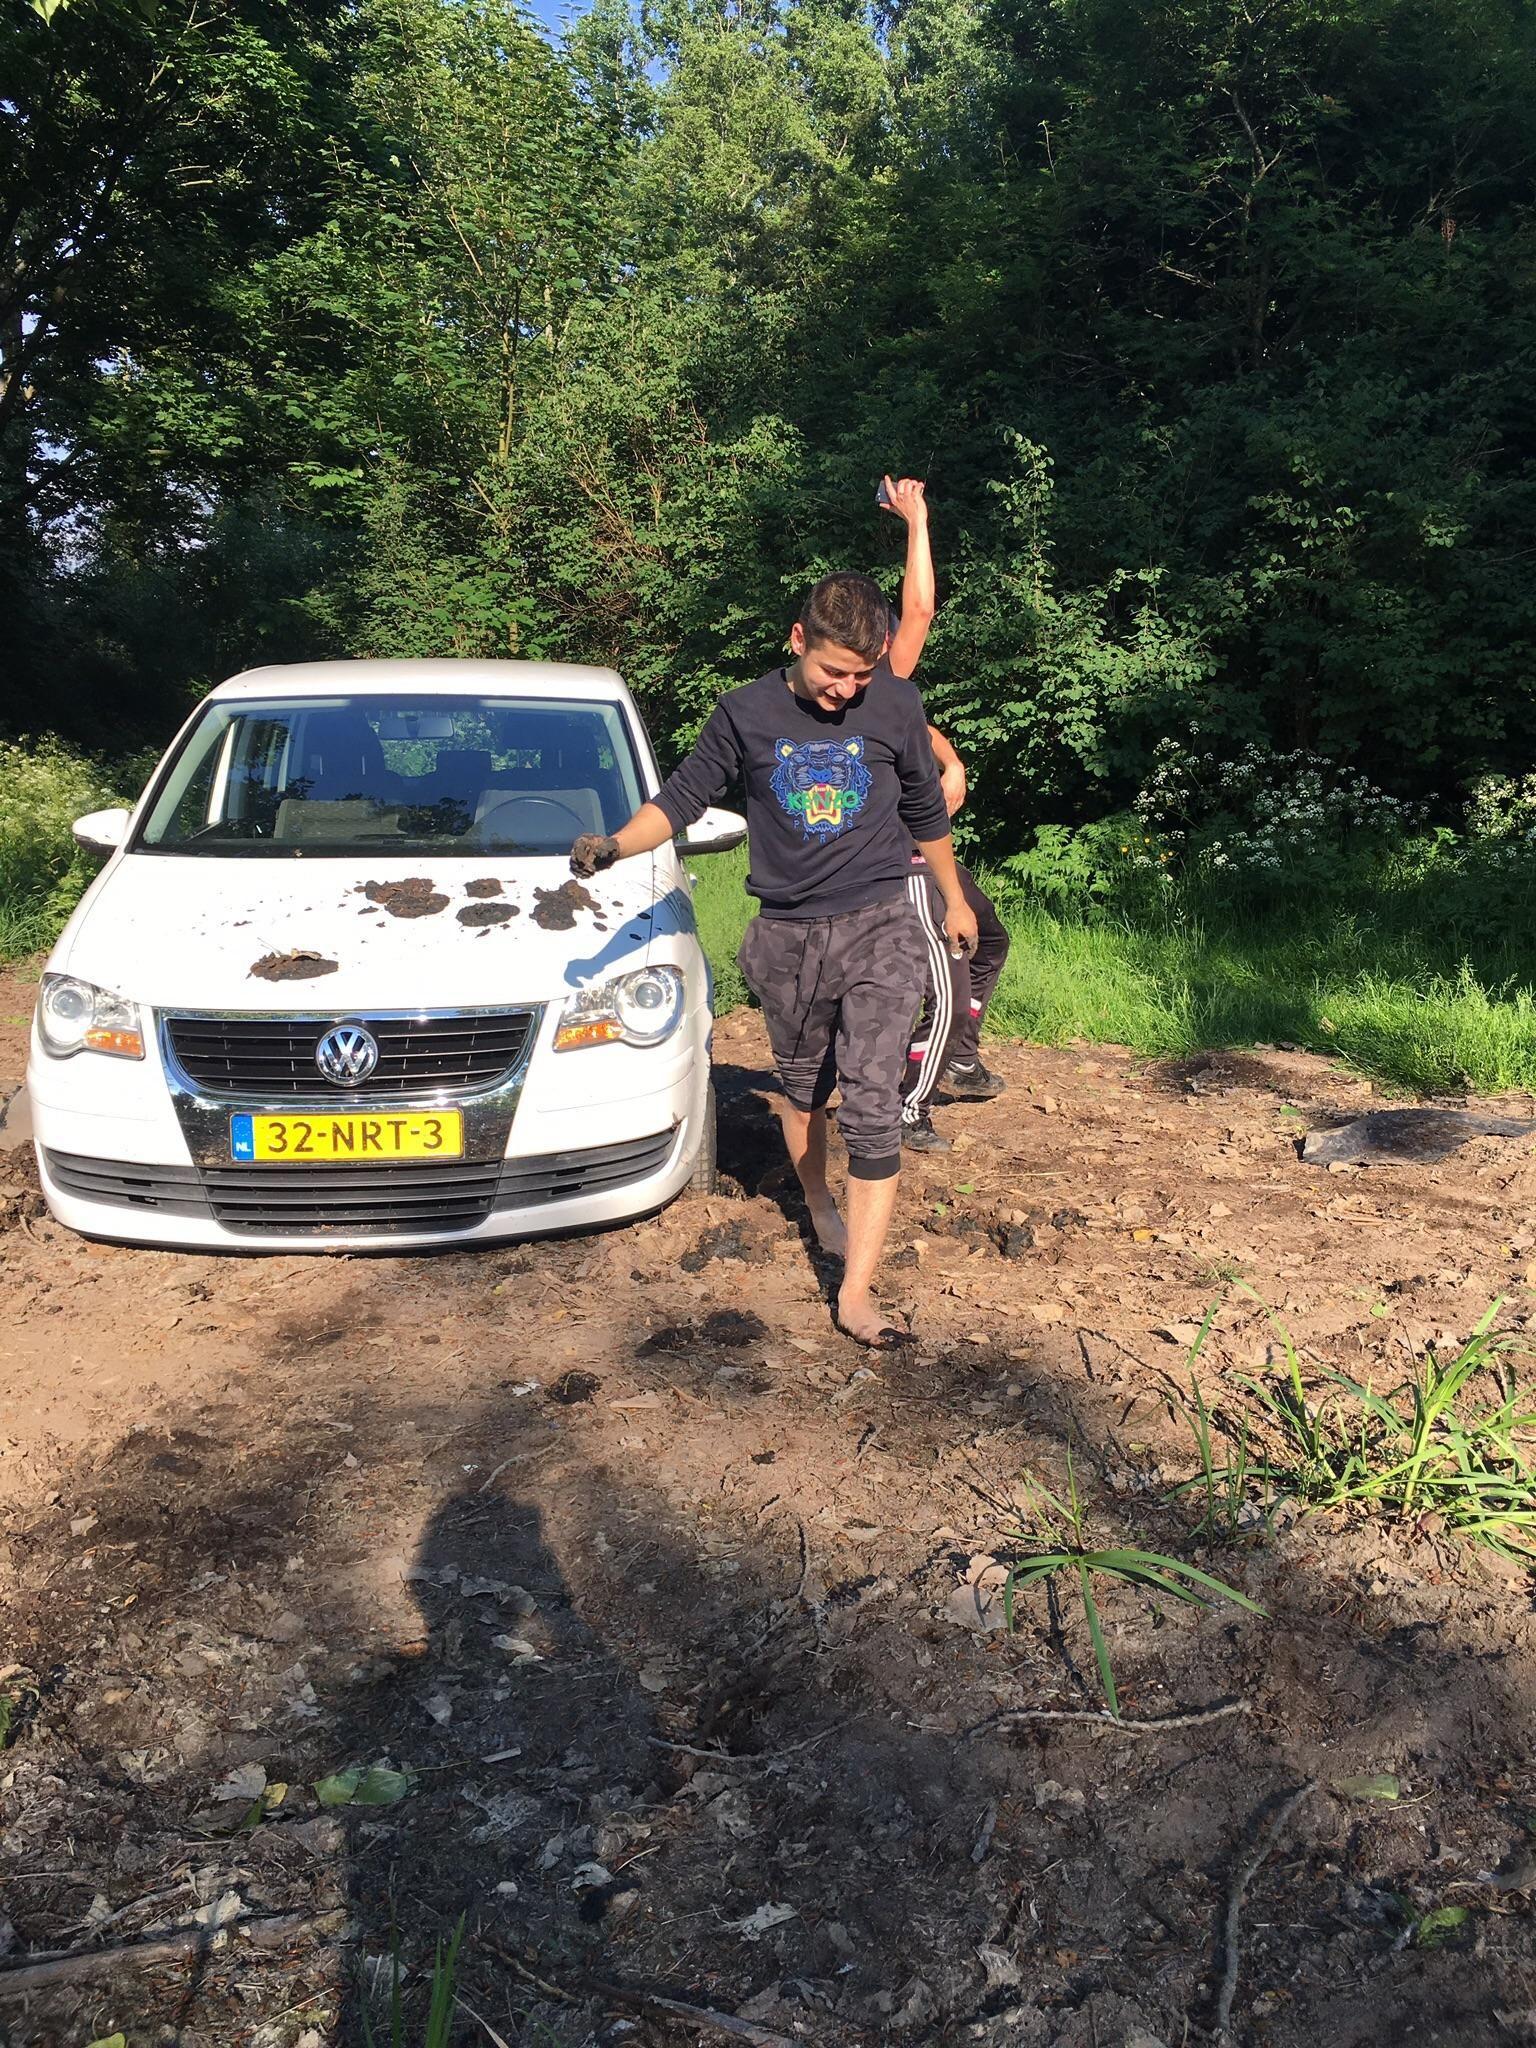 Got stuck in mud